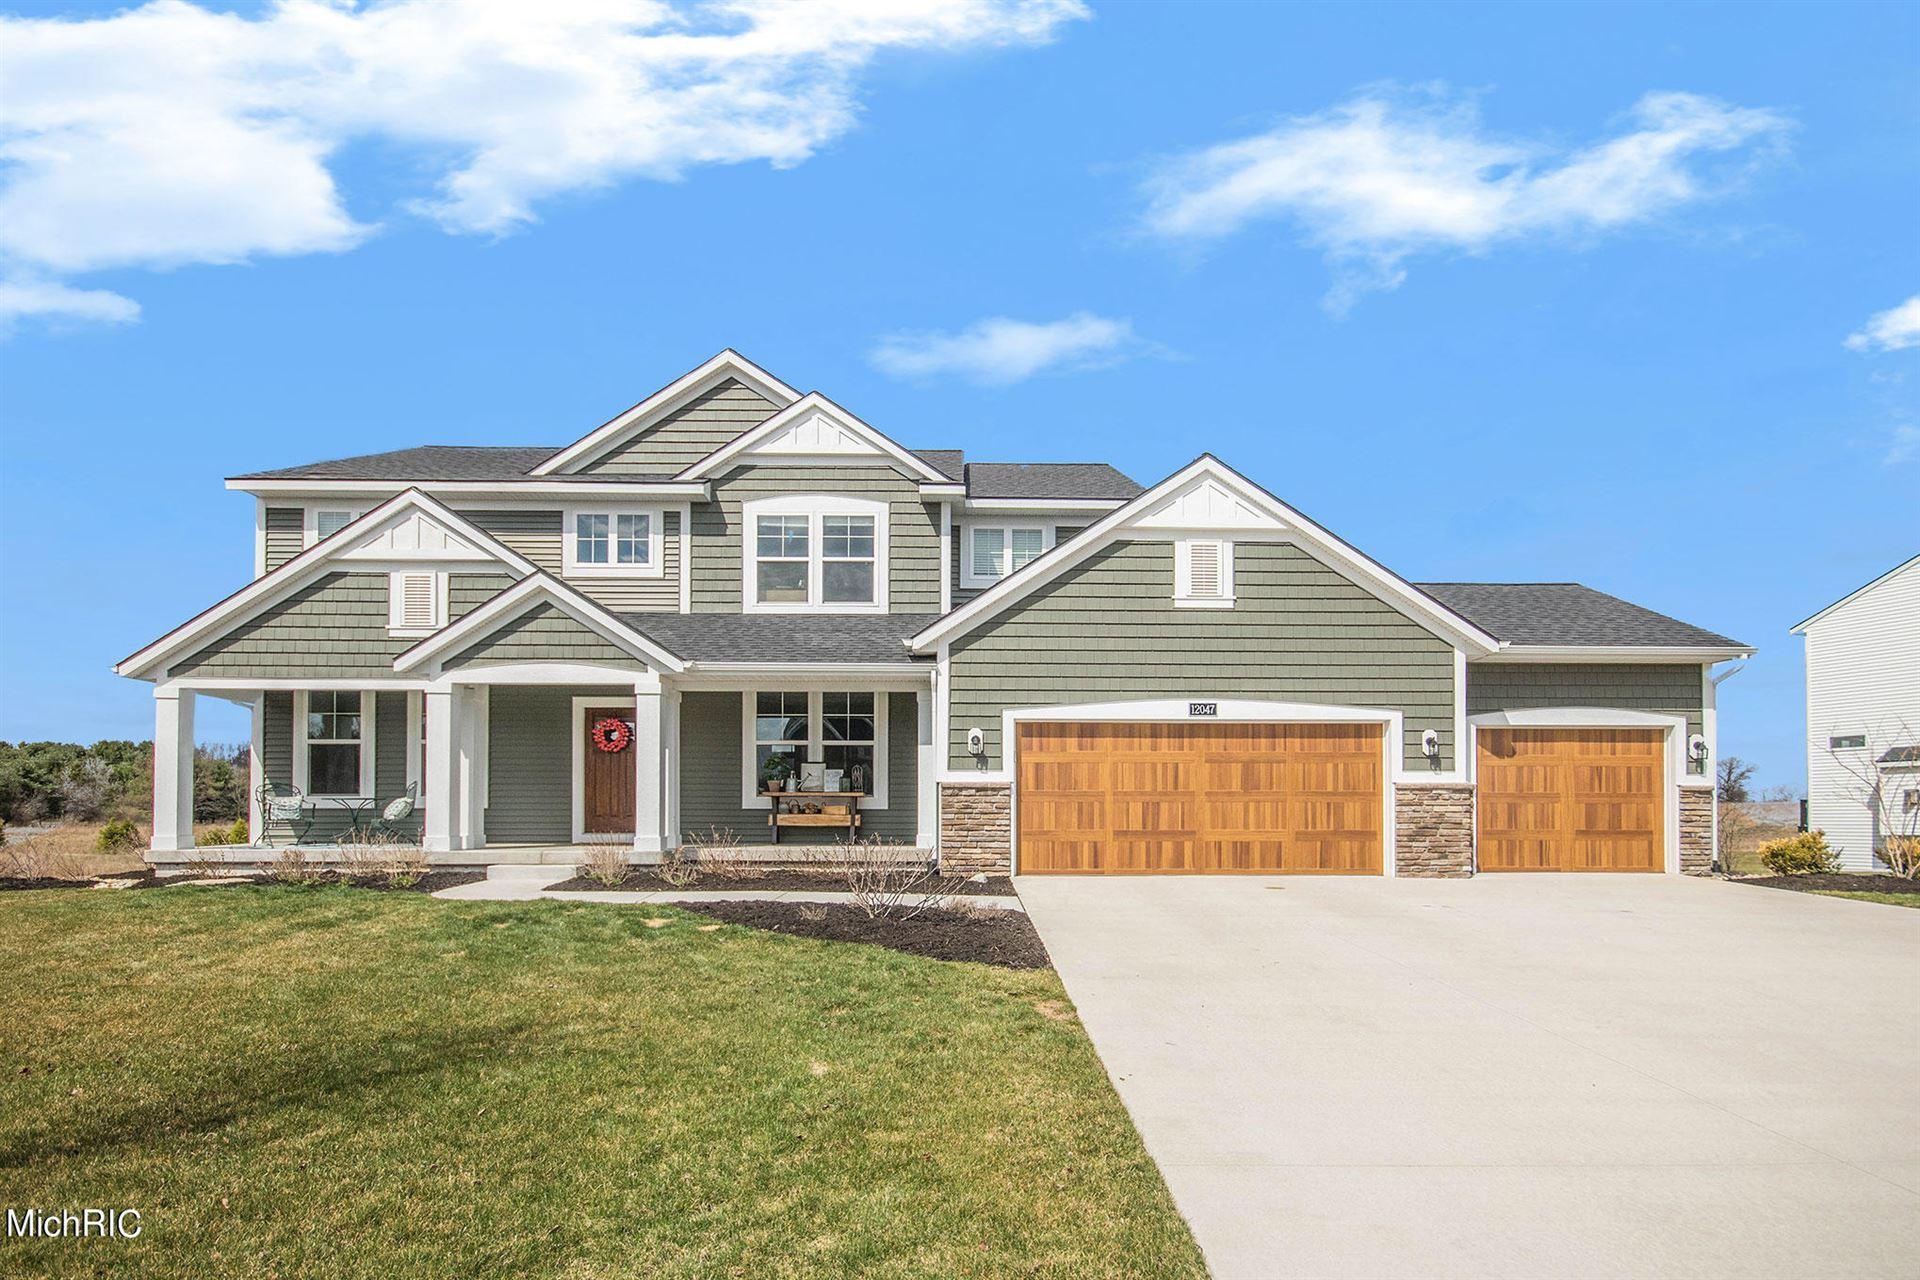 12047 Harvest Home Drive, Lowell, MI 49331 - MLS#: 21006949